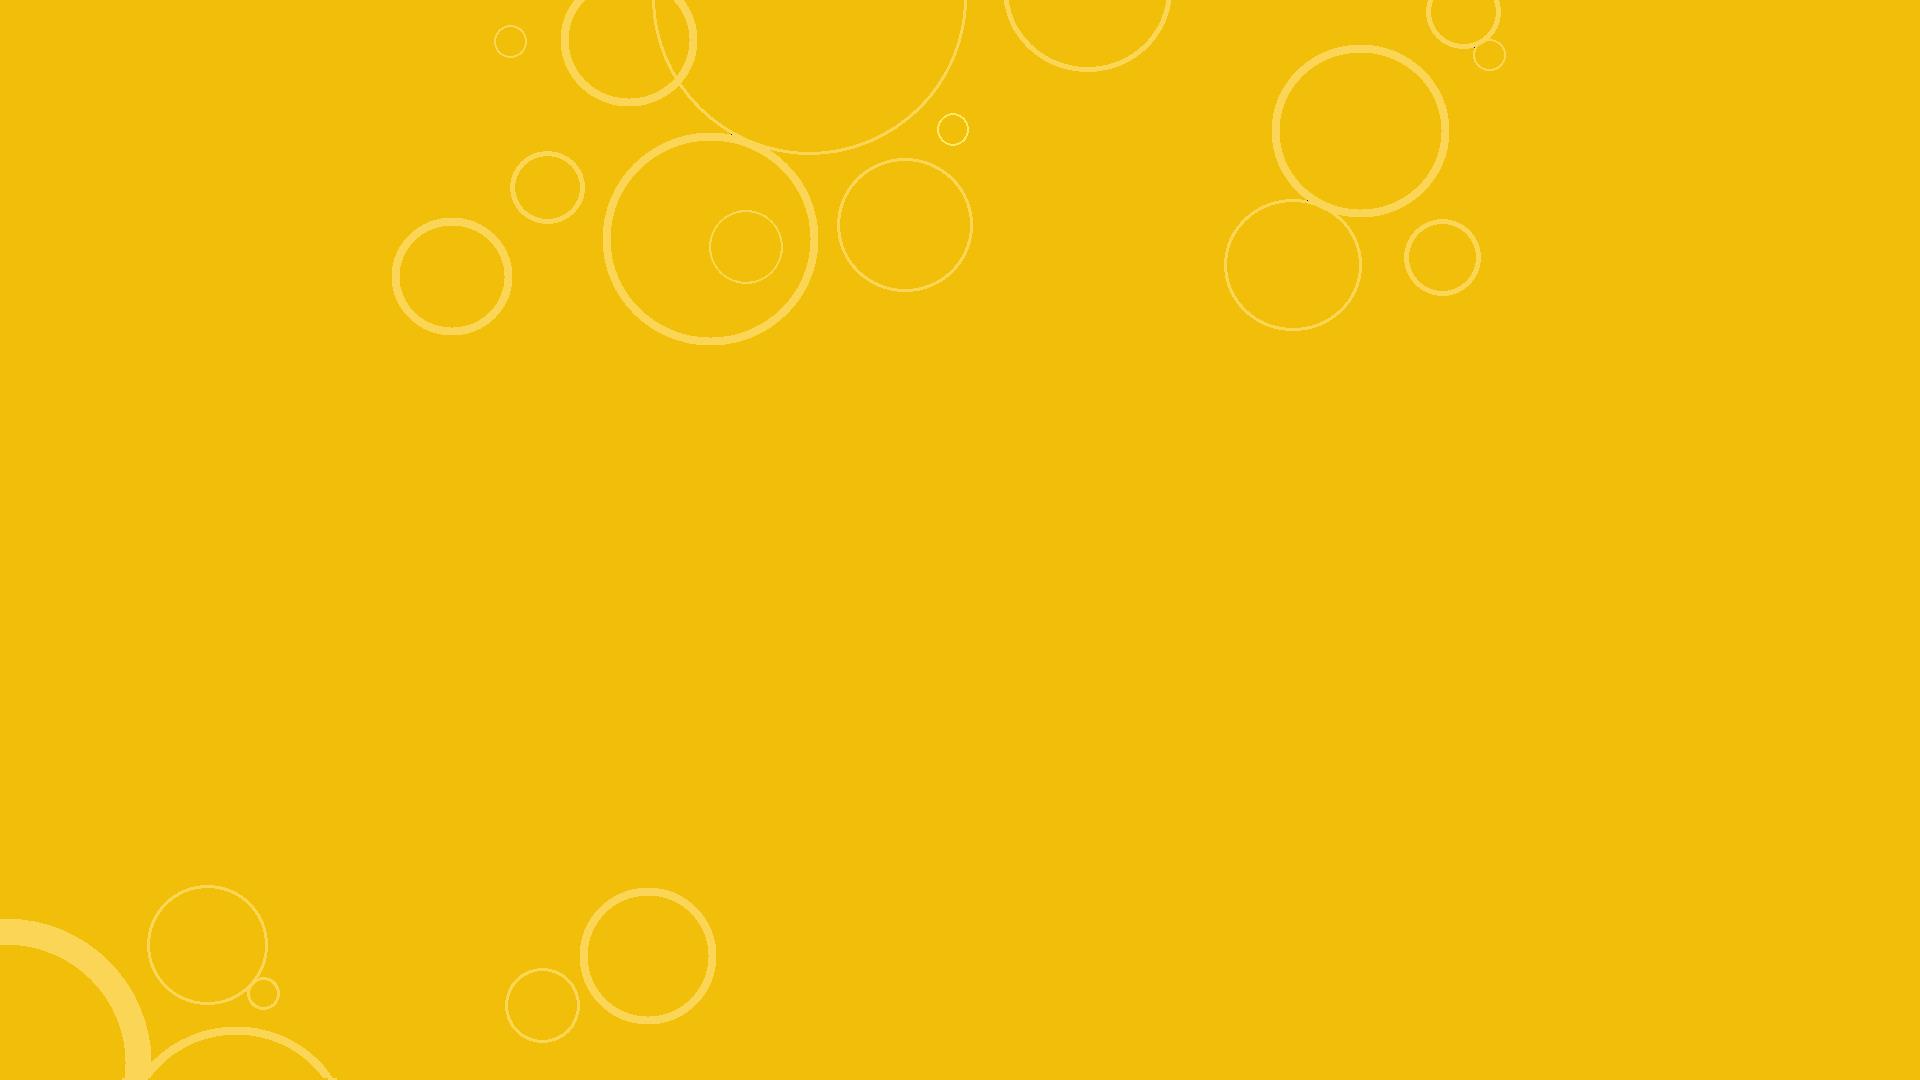 بالصور خلفية صفراء , اروع خفلية واجملها من اللون الاصفر 3411